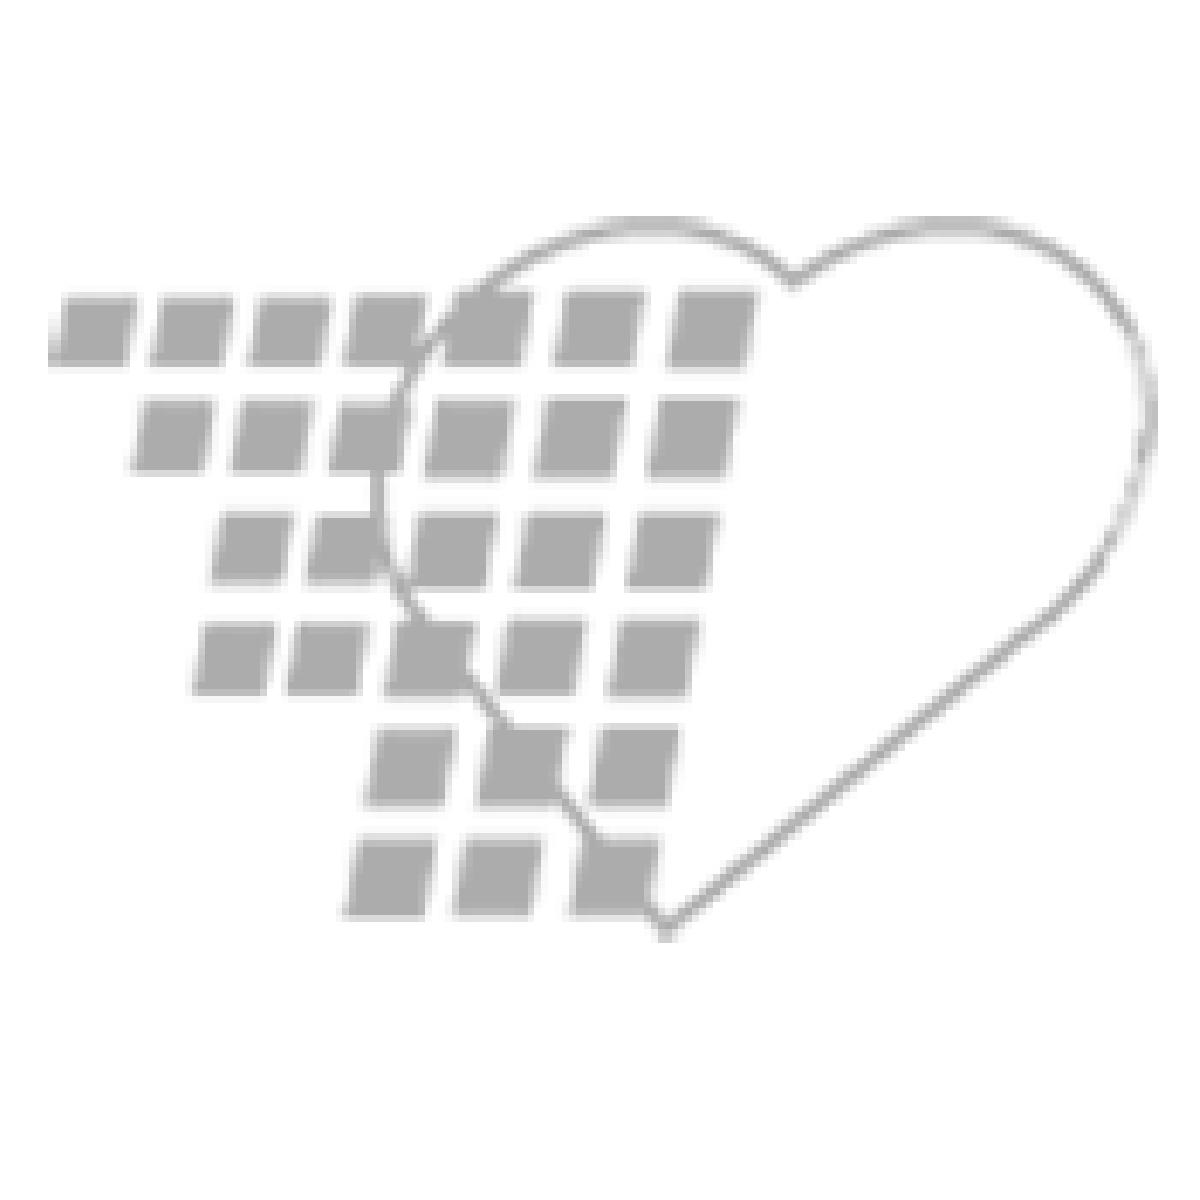 10-81-6110 Female Contraceptive Model